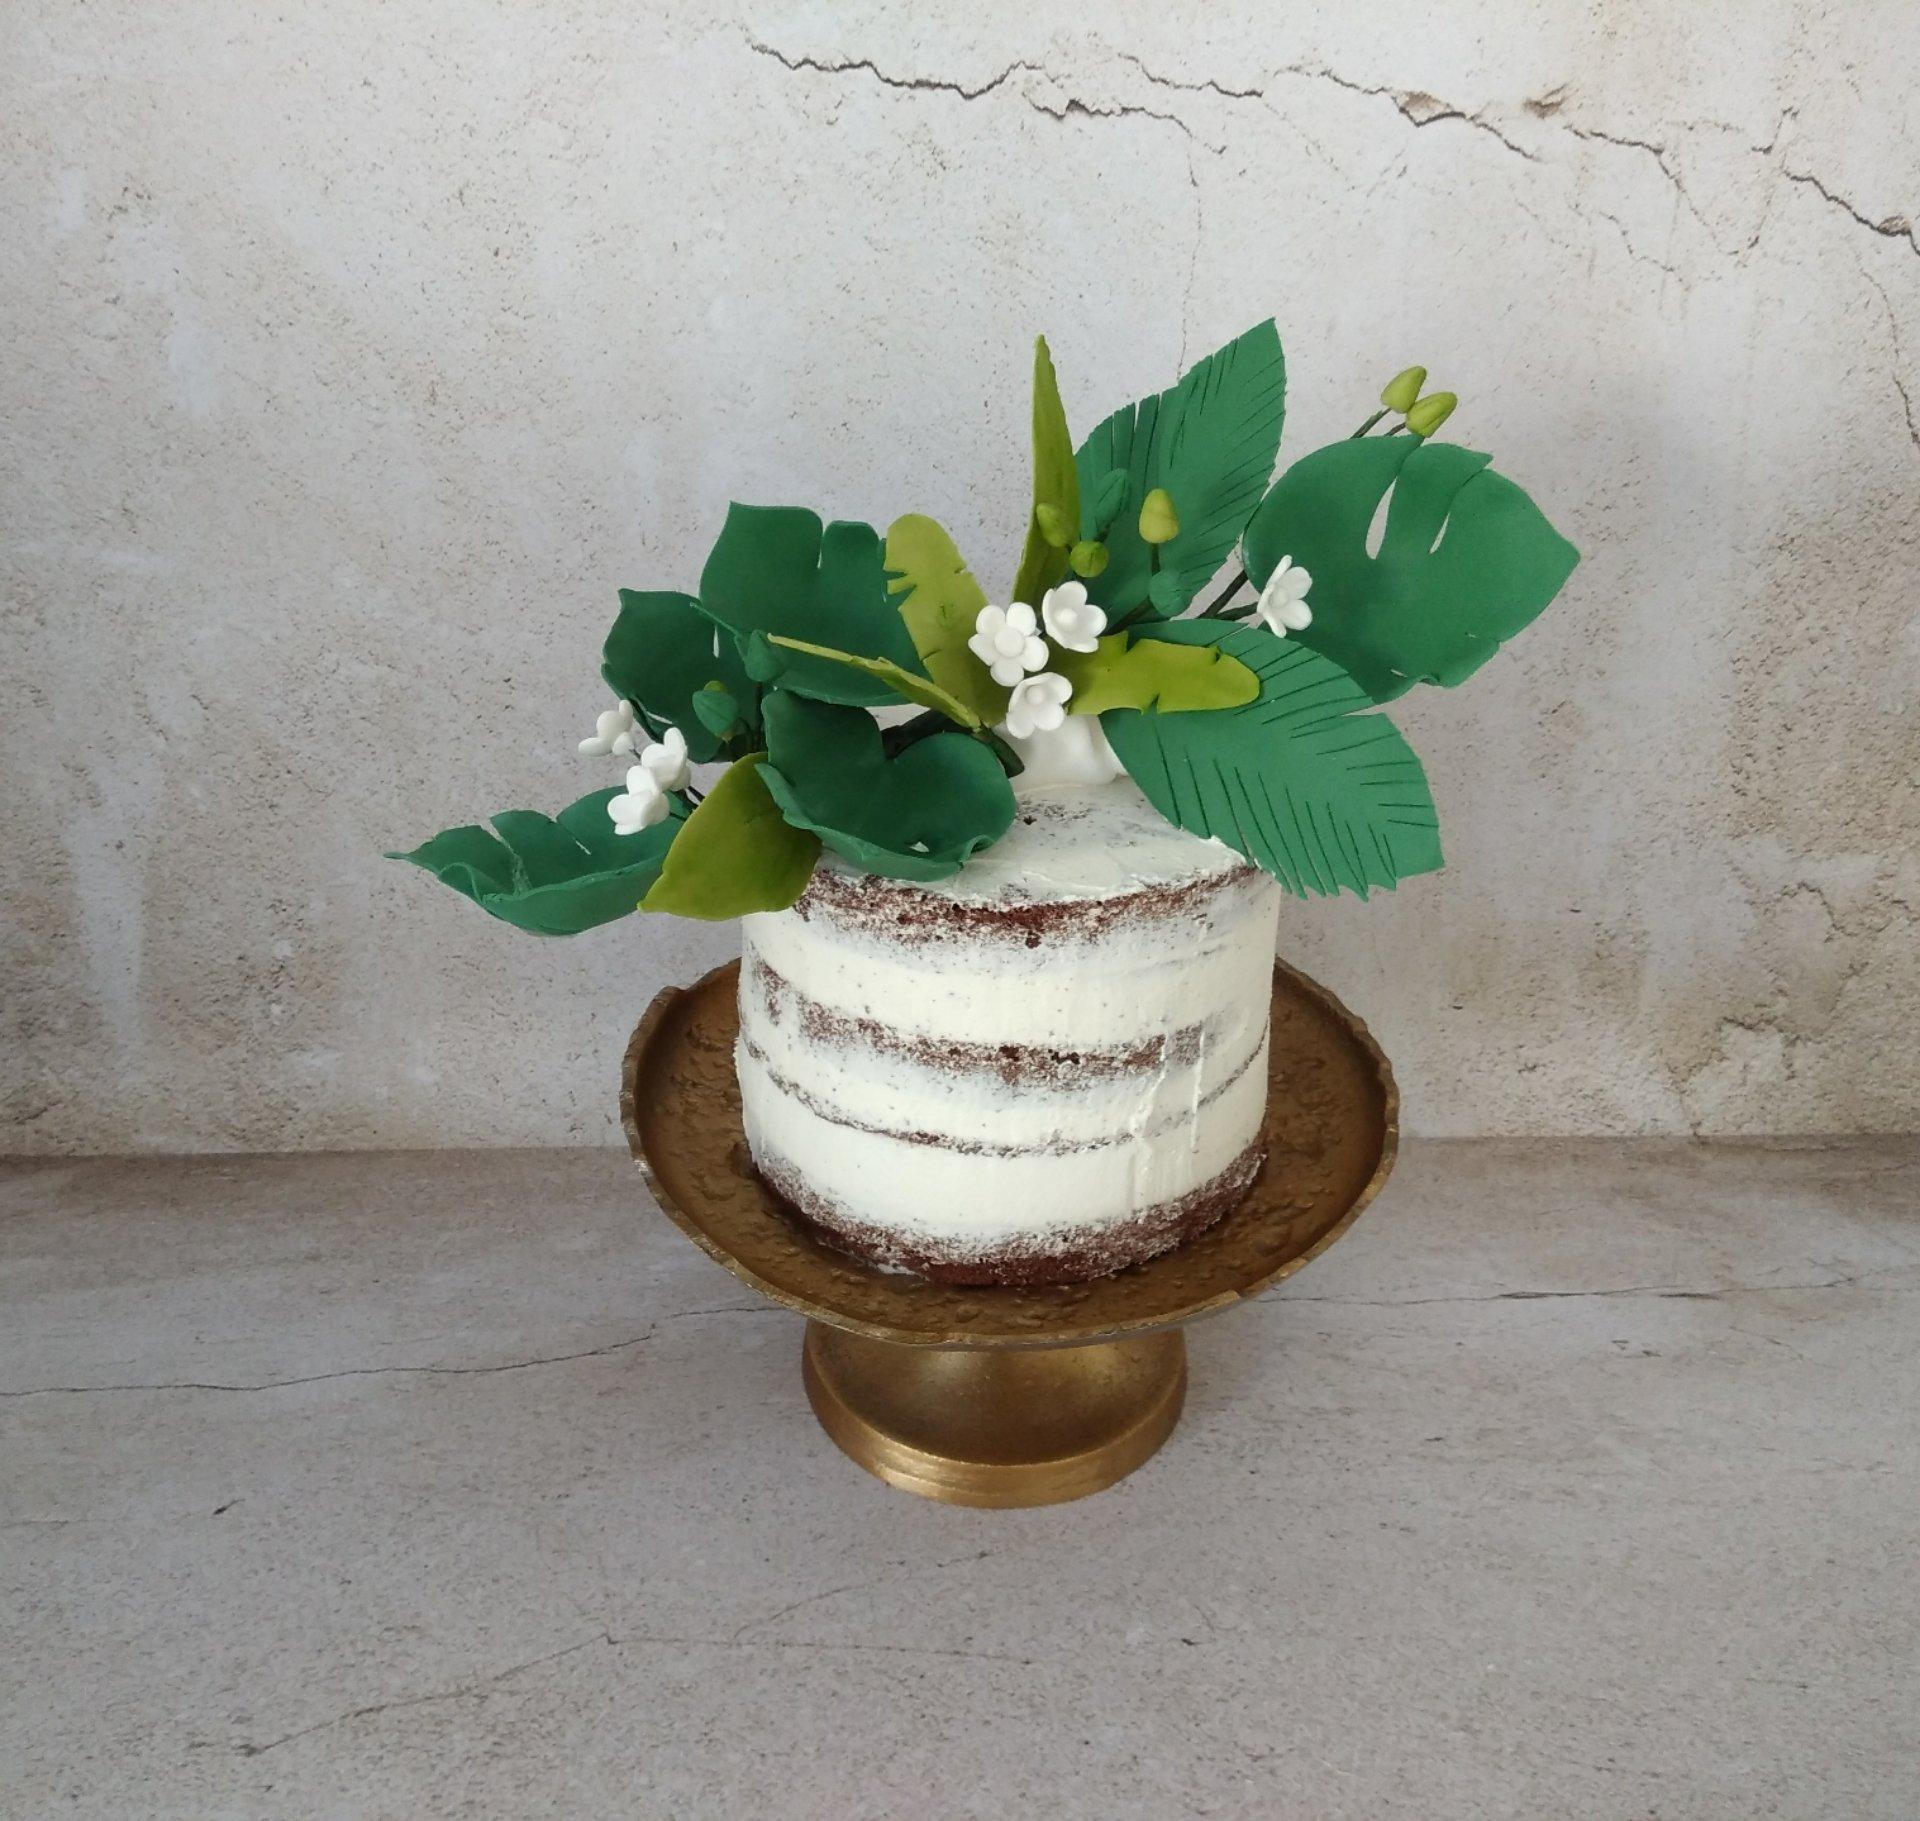 τούρτα γάμου χωρίς ζαχαρόπαστα jungle γλυκά μπουφέ γάμου, ζαχαροπλαστείο καλαμάτα, madame charlotte, wedding cakes kalamata